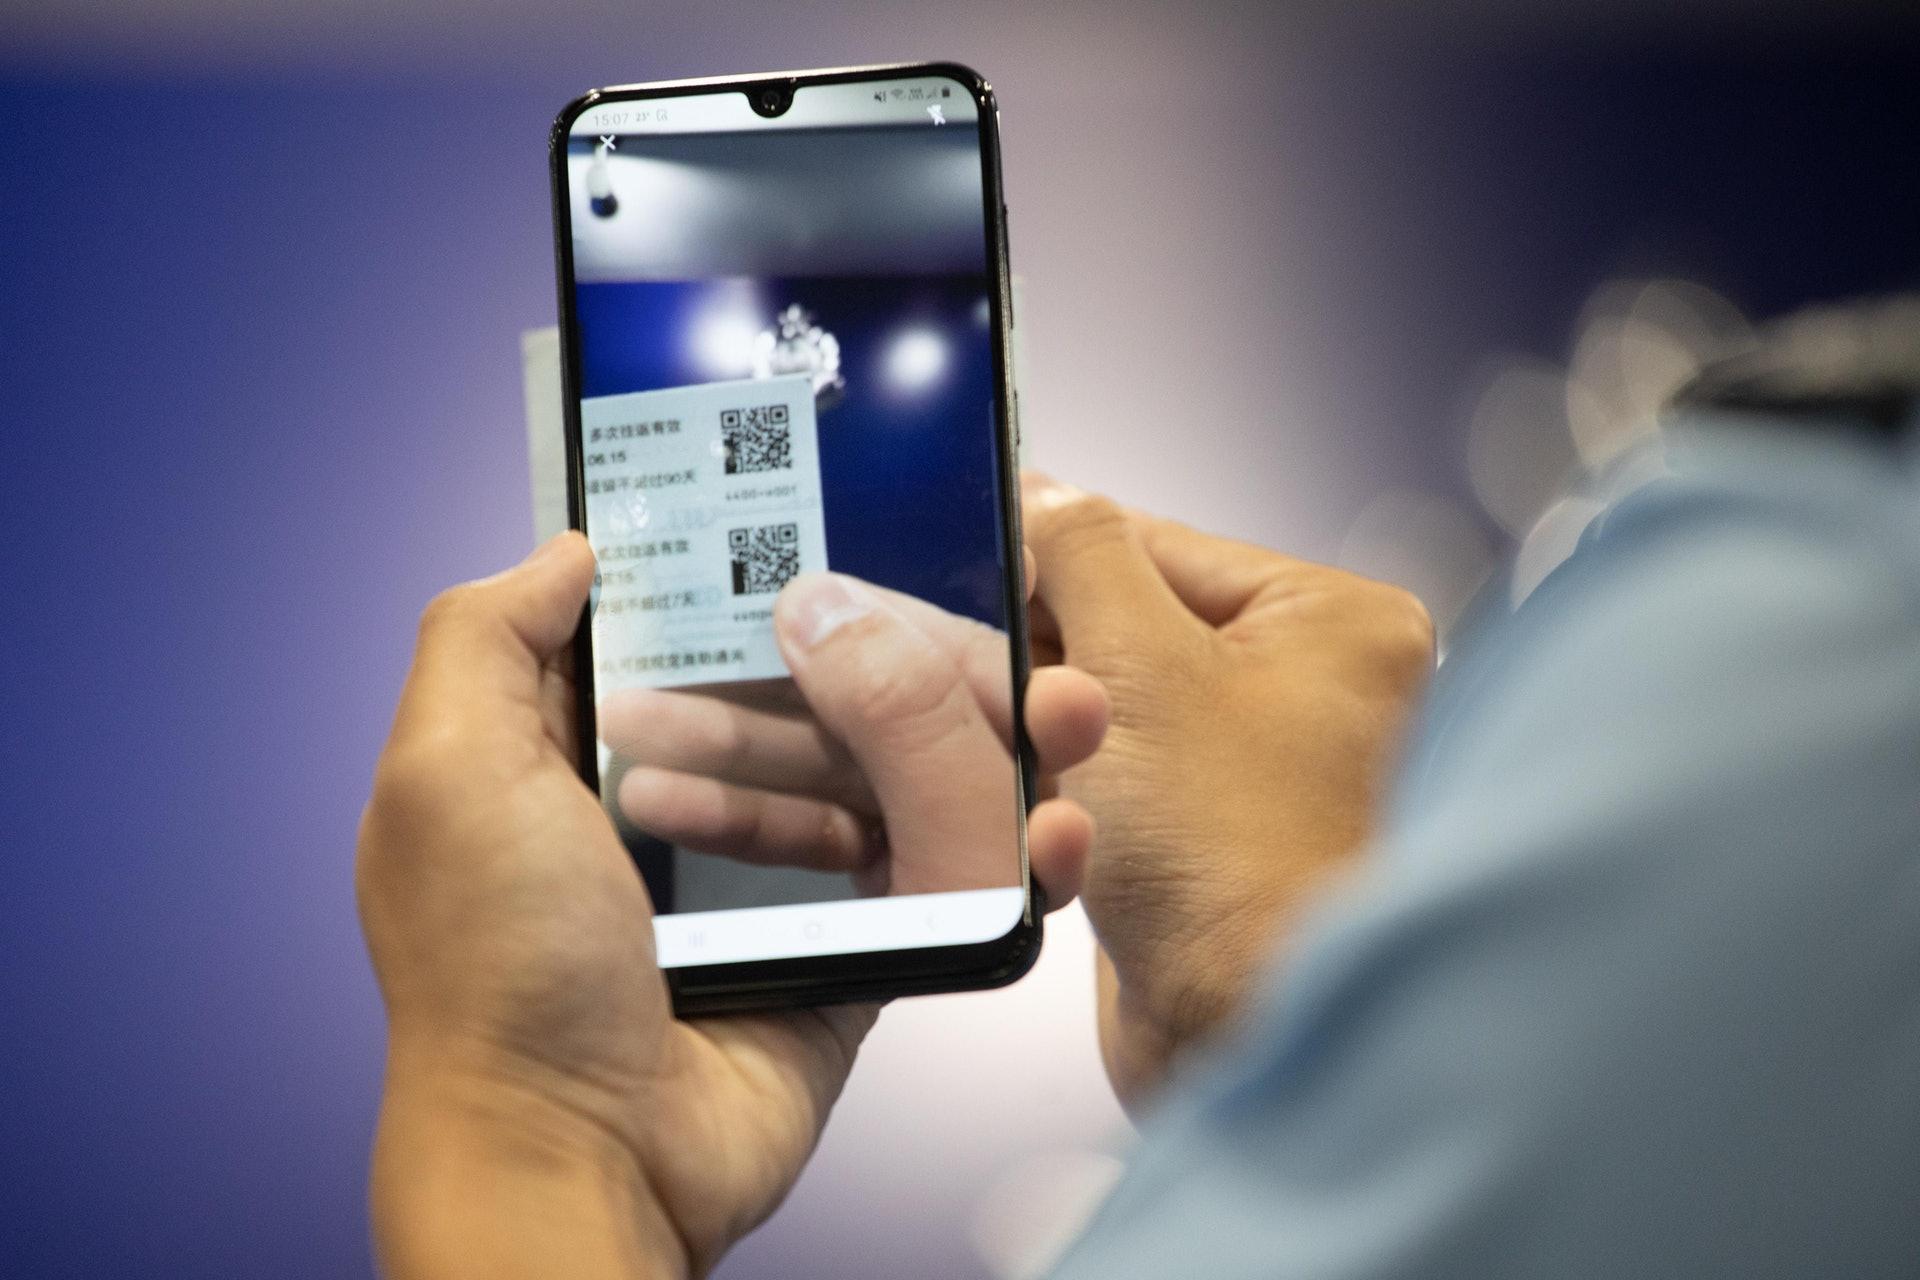 警方將於五月起正式推出流動應用程式「行咇易」(Beat App),協助截停搜查程序,會在1200名前線人員的公務手機上安裝。(梁鵬威攝)